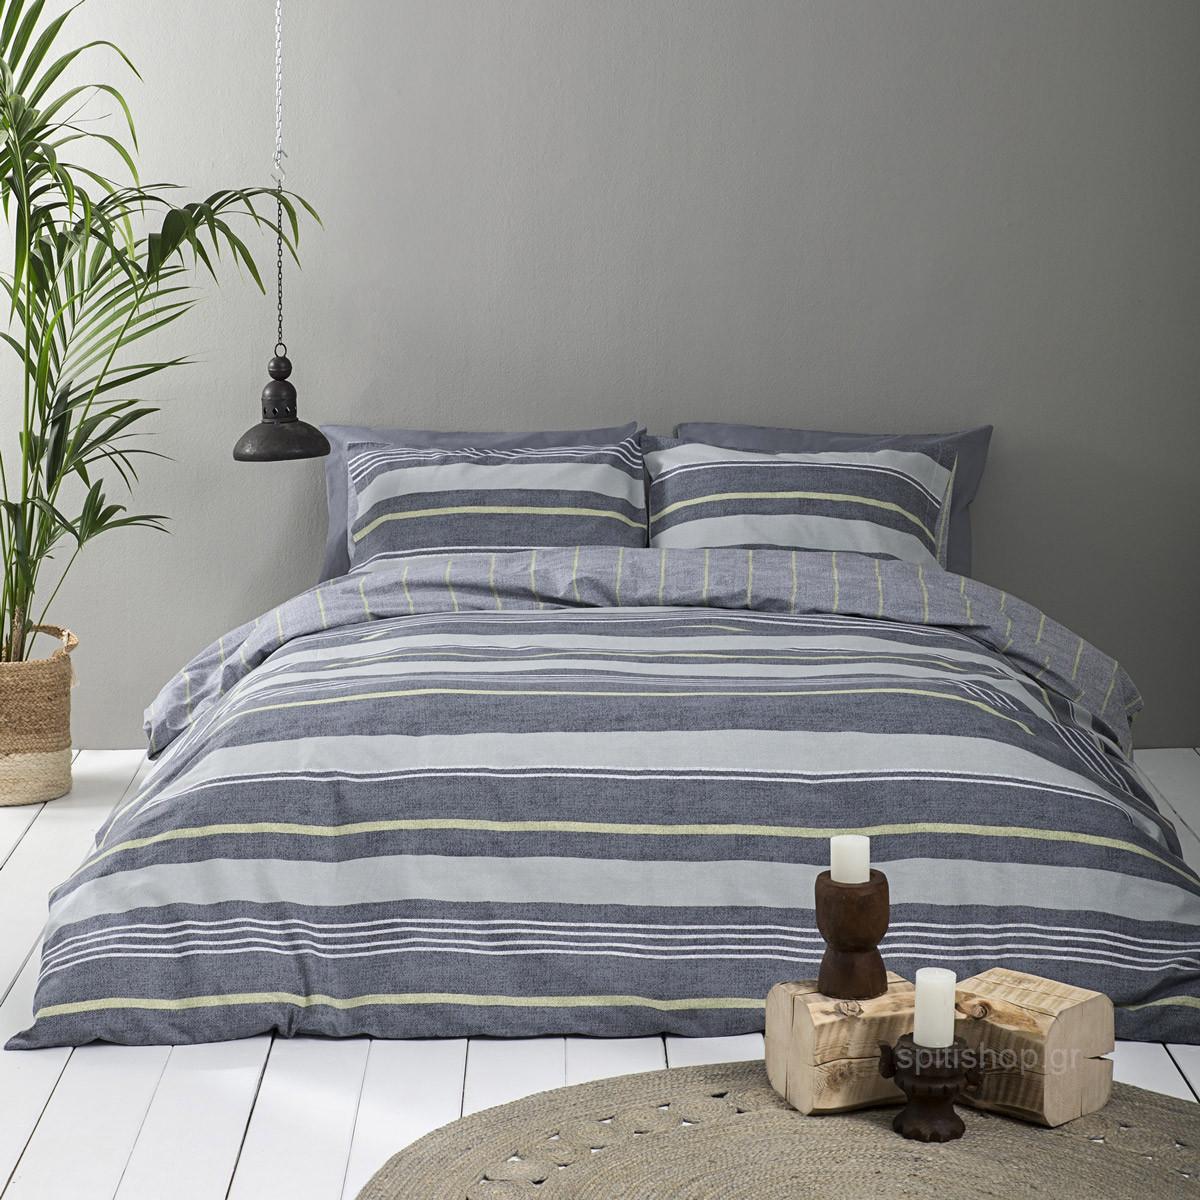 Σεντόνια Μονά (Σετ) Nima Bed Linen Stripped Green ΧΩΡΙΣ ΛΑΣΤΙΧΟ 170×260 ΧΩΡΙΣ ΛΑΣΤΙΧΟ 170×260